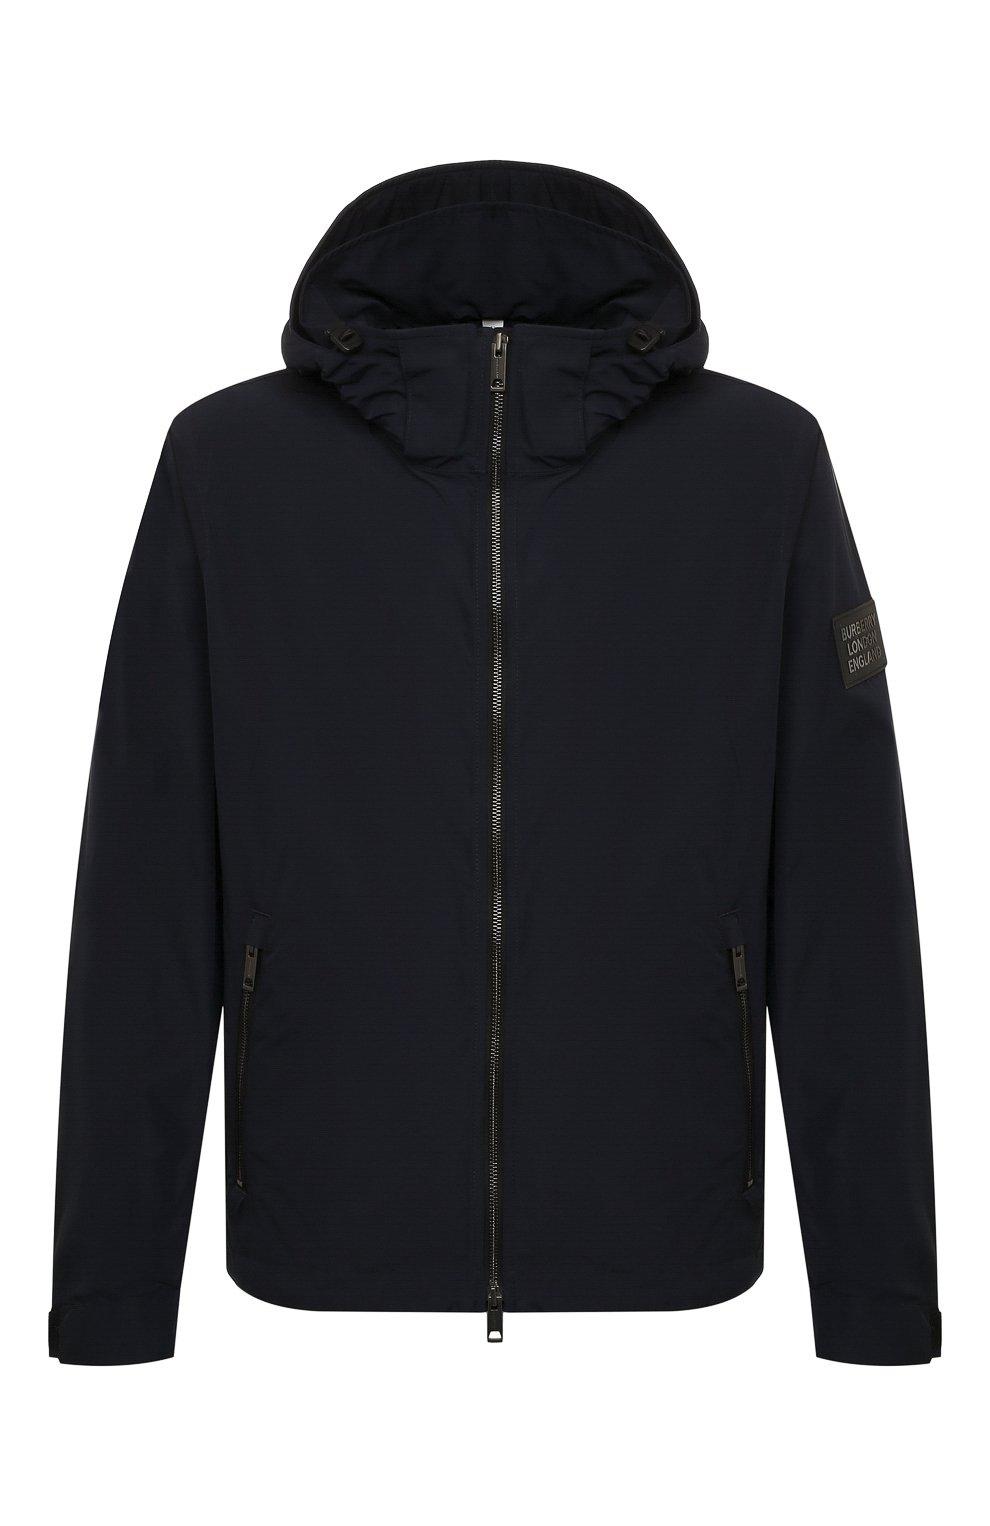 Мужская утепленная куртка BURBERRY синего цвета, арт. 8014364 | Фото 1 (Кросс-КТ: Куртка; Рукава: Длинные; Материал внешний: Синтетический материал; Мужское Кросс-КТ: утепленные куртки; Материал подклада: Синтетический материал; Длина (верхняя одежда): Короткие; Стили: Кэжуэл)